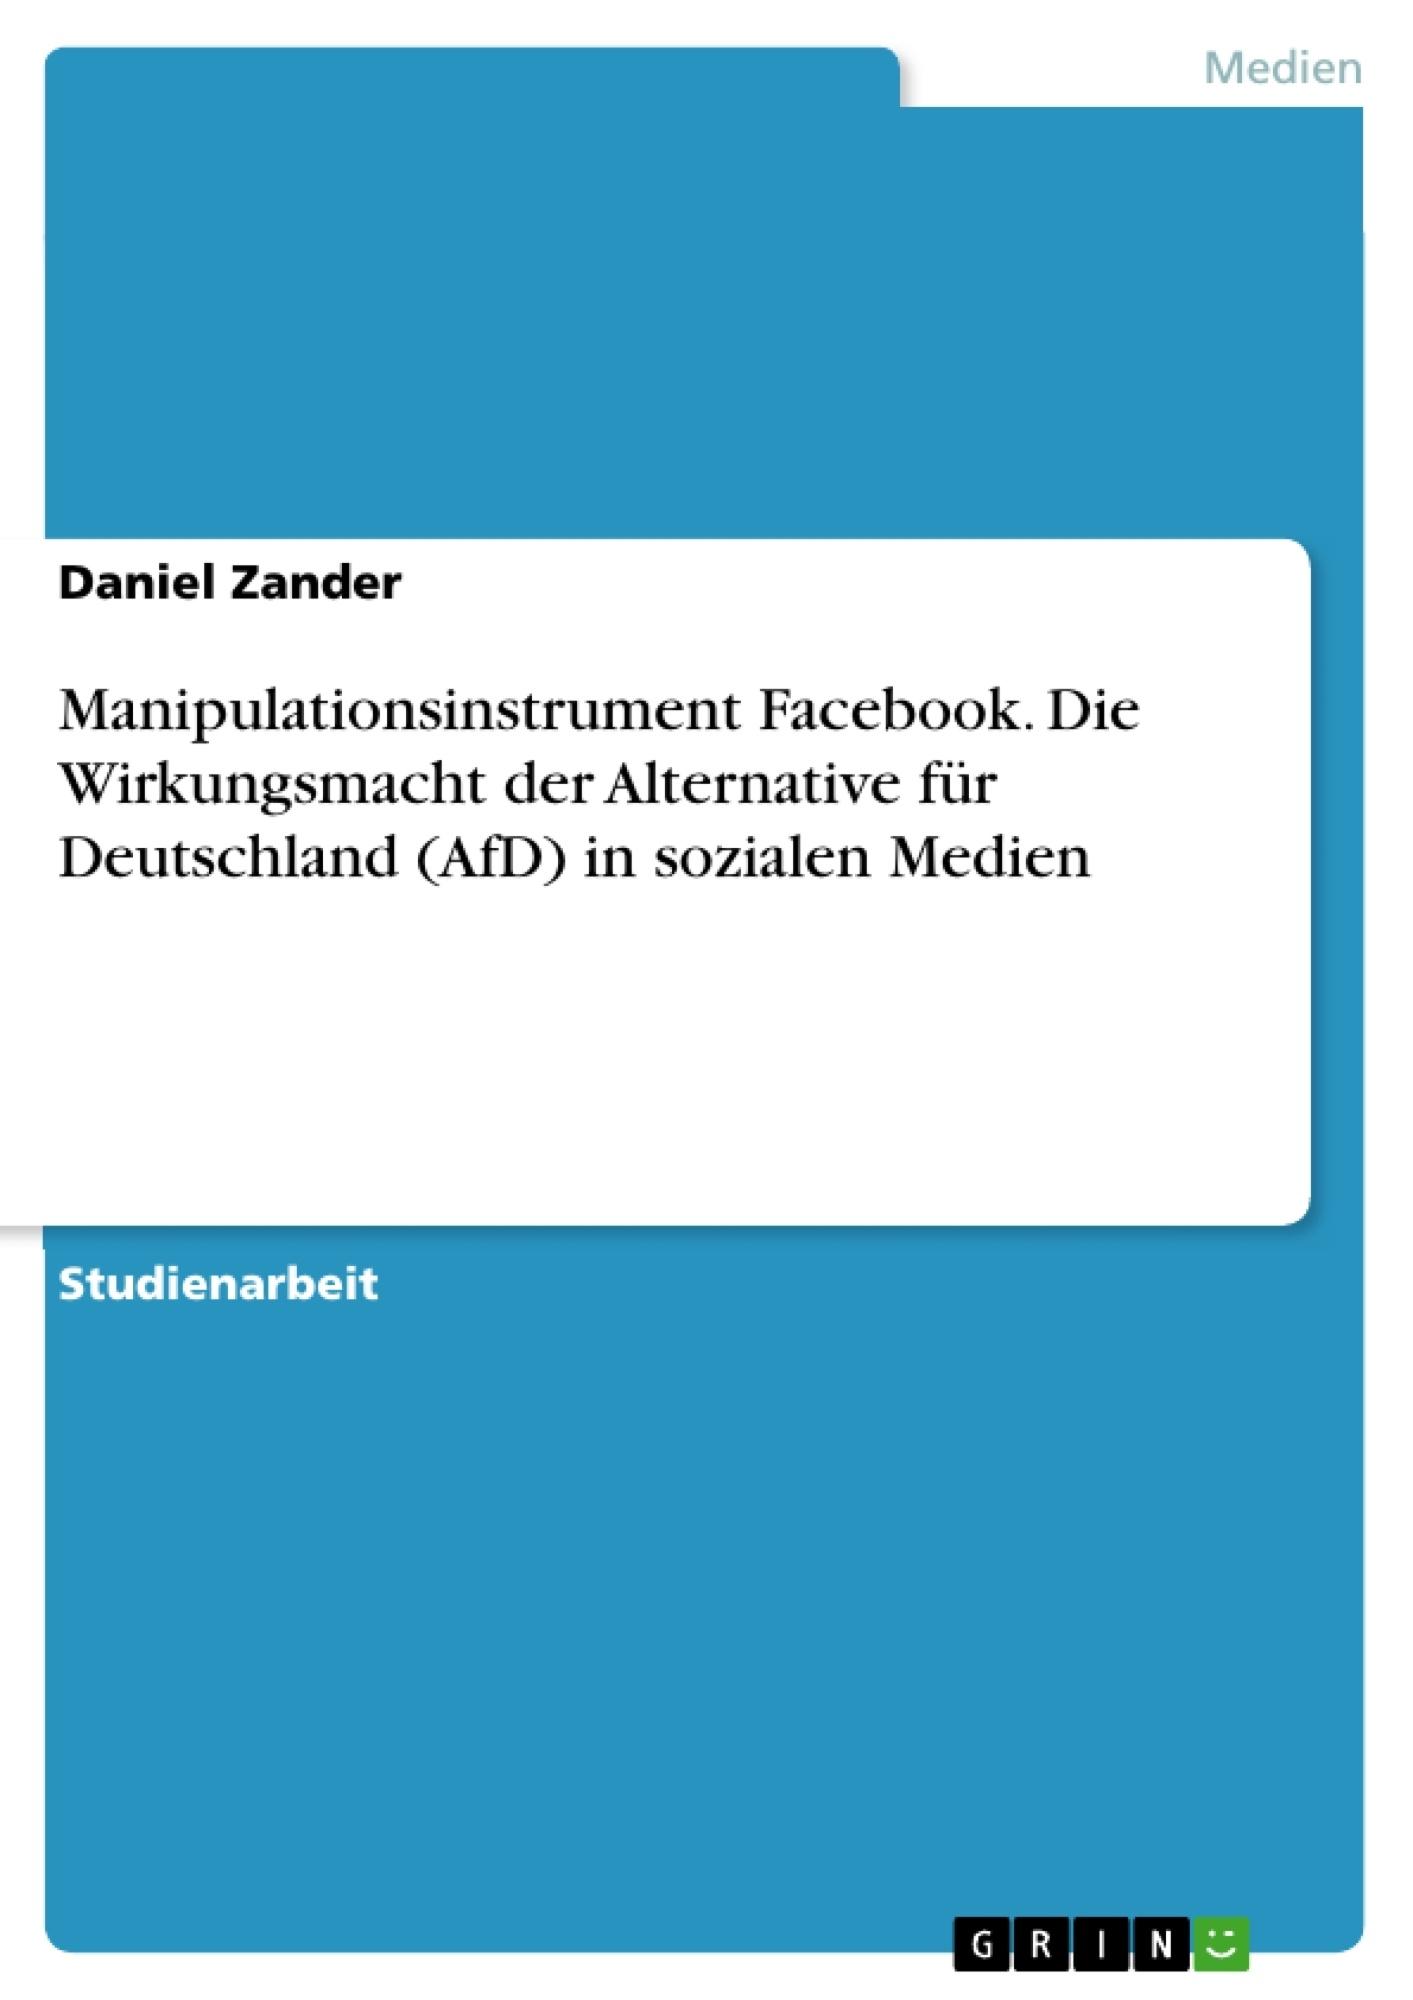 Titel: Manipulationsinstrument Facebook. Die Wirkungsmacht der Alternative für Deutschland (AfD) in sozialen Medien